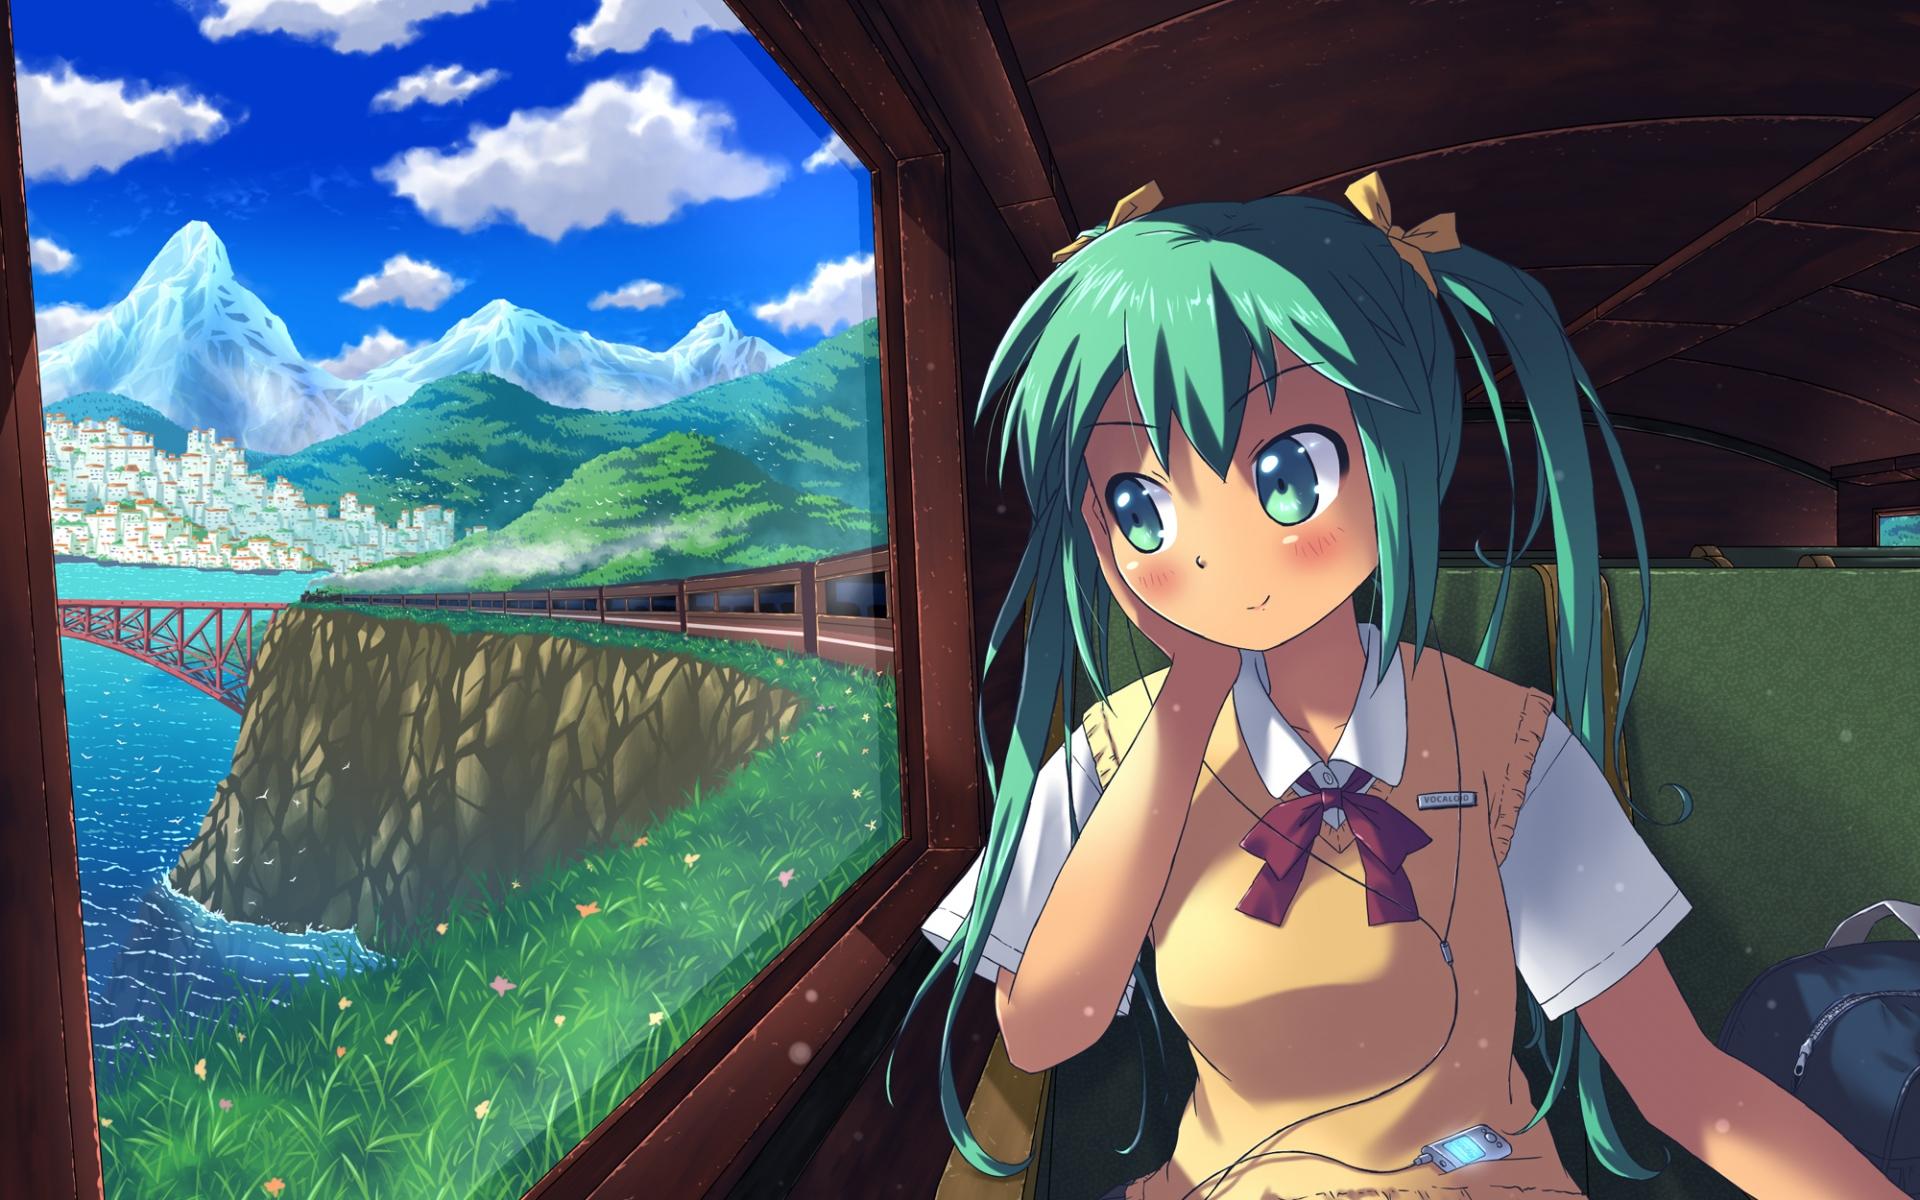 Картинки Вокалоид, hatsune miku, школьница, игрок, сумки, мост, окно фото и обои на рабочий стол